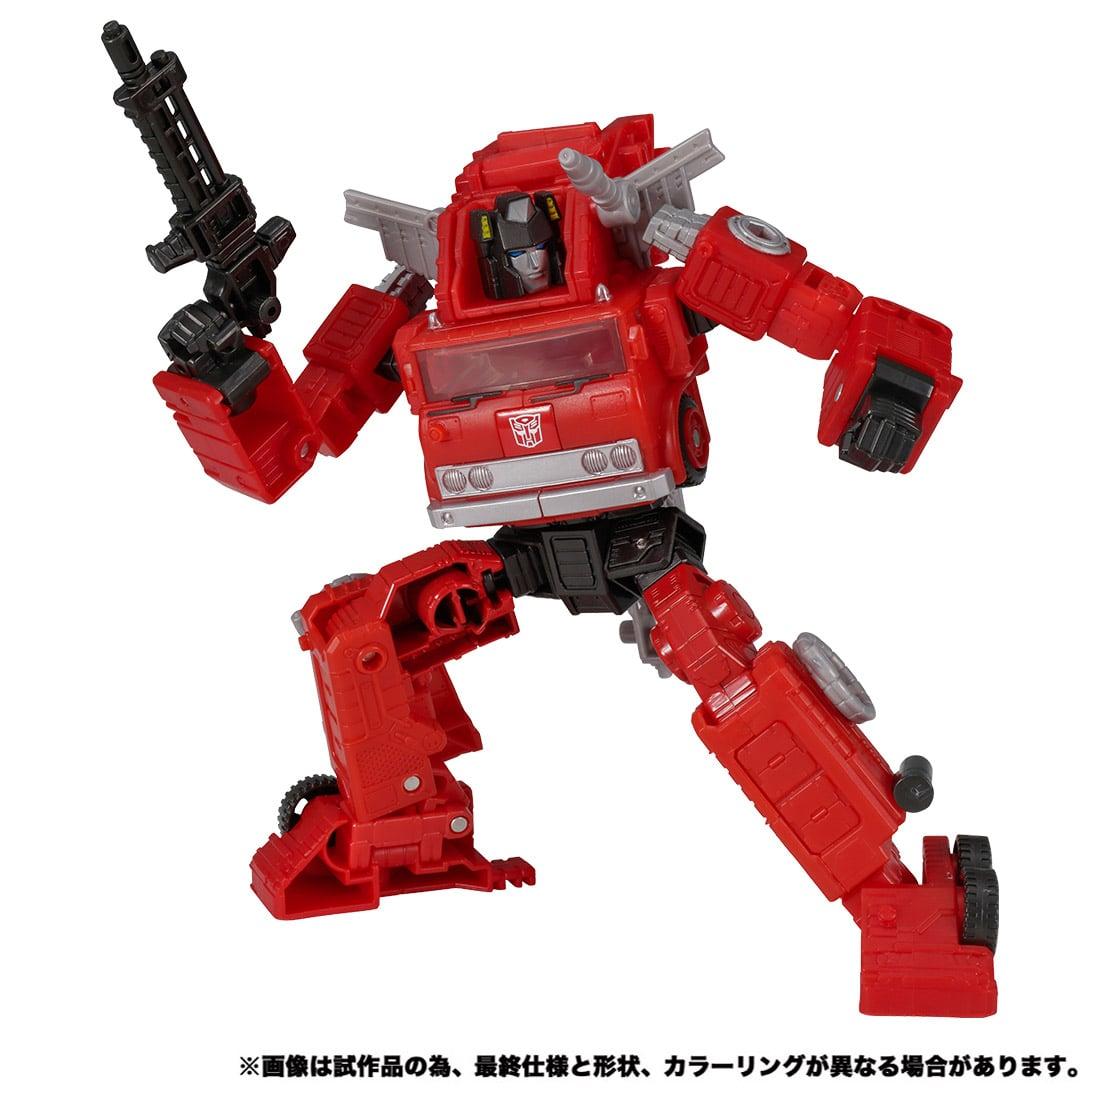 トランスフォーマー キングダム『KD-10 オートボットインフェルノ』可変可動フィギュア-003